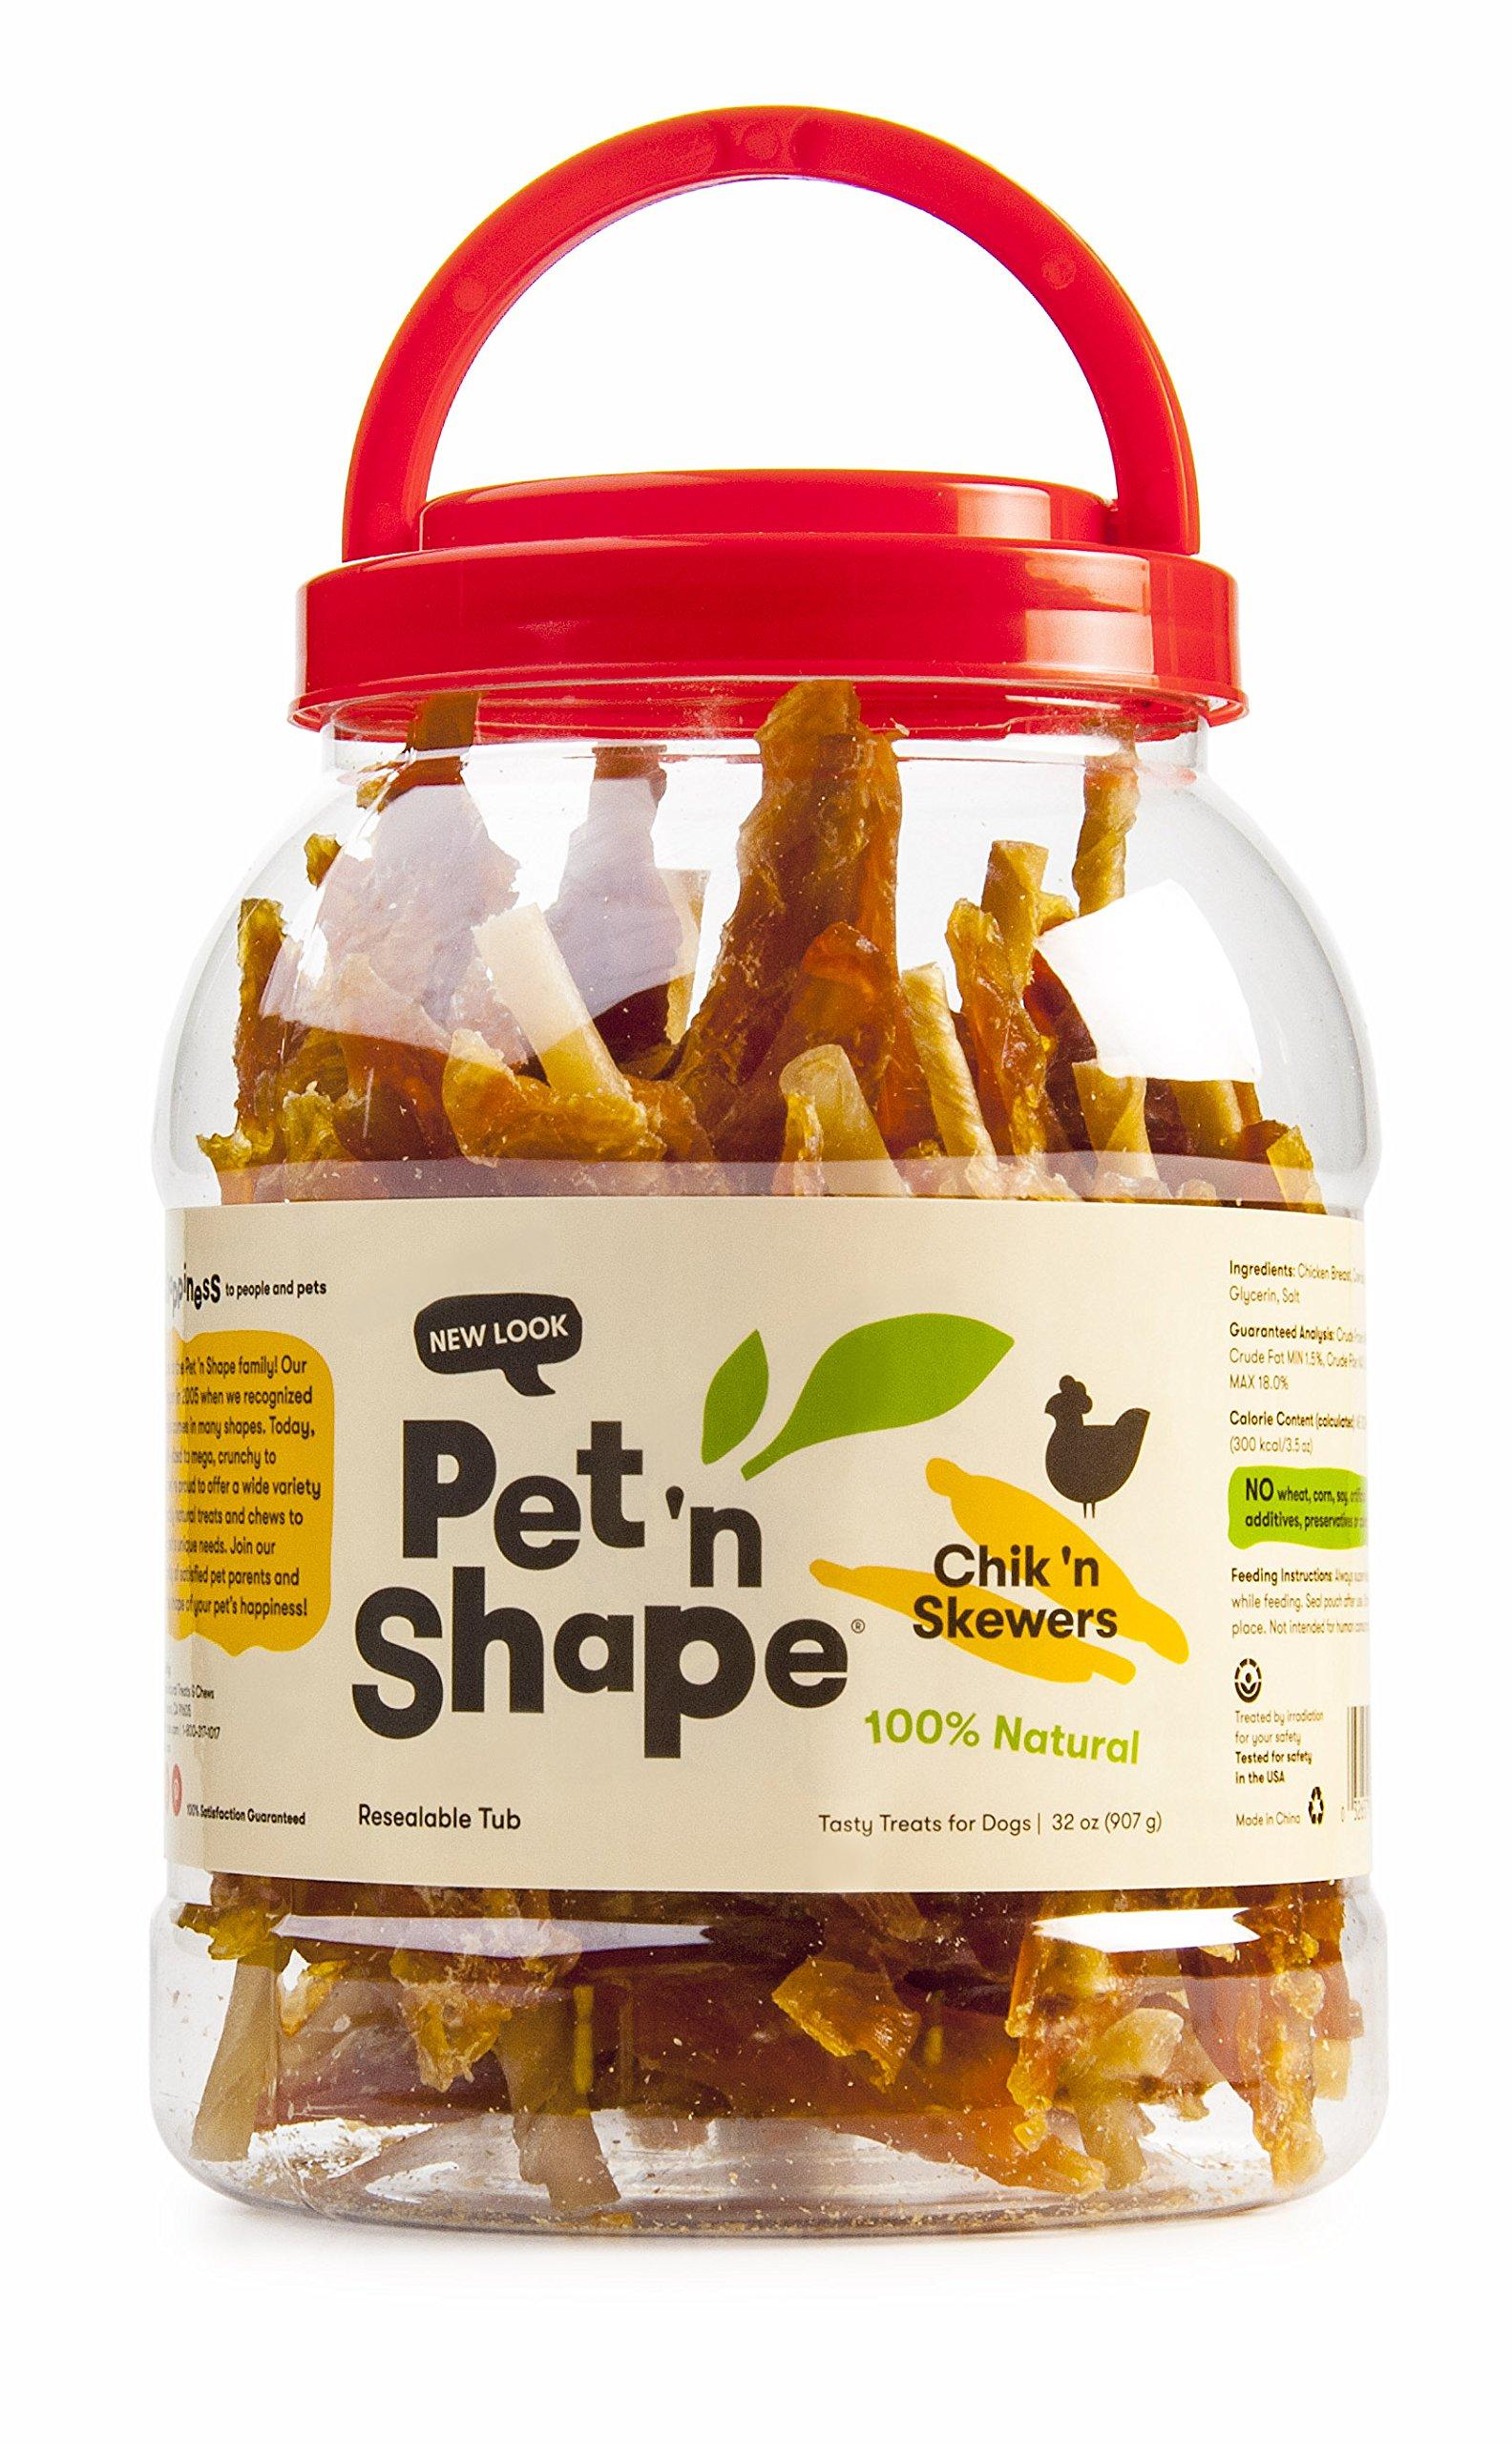 Pet 'n Shape Chik 'n Skewers Natural Dog Treats, 2-Pound Tub by Pet 'n Shape